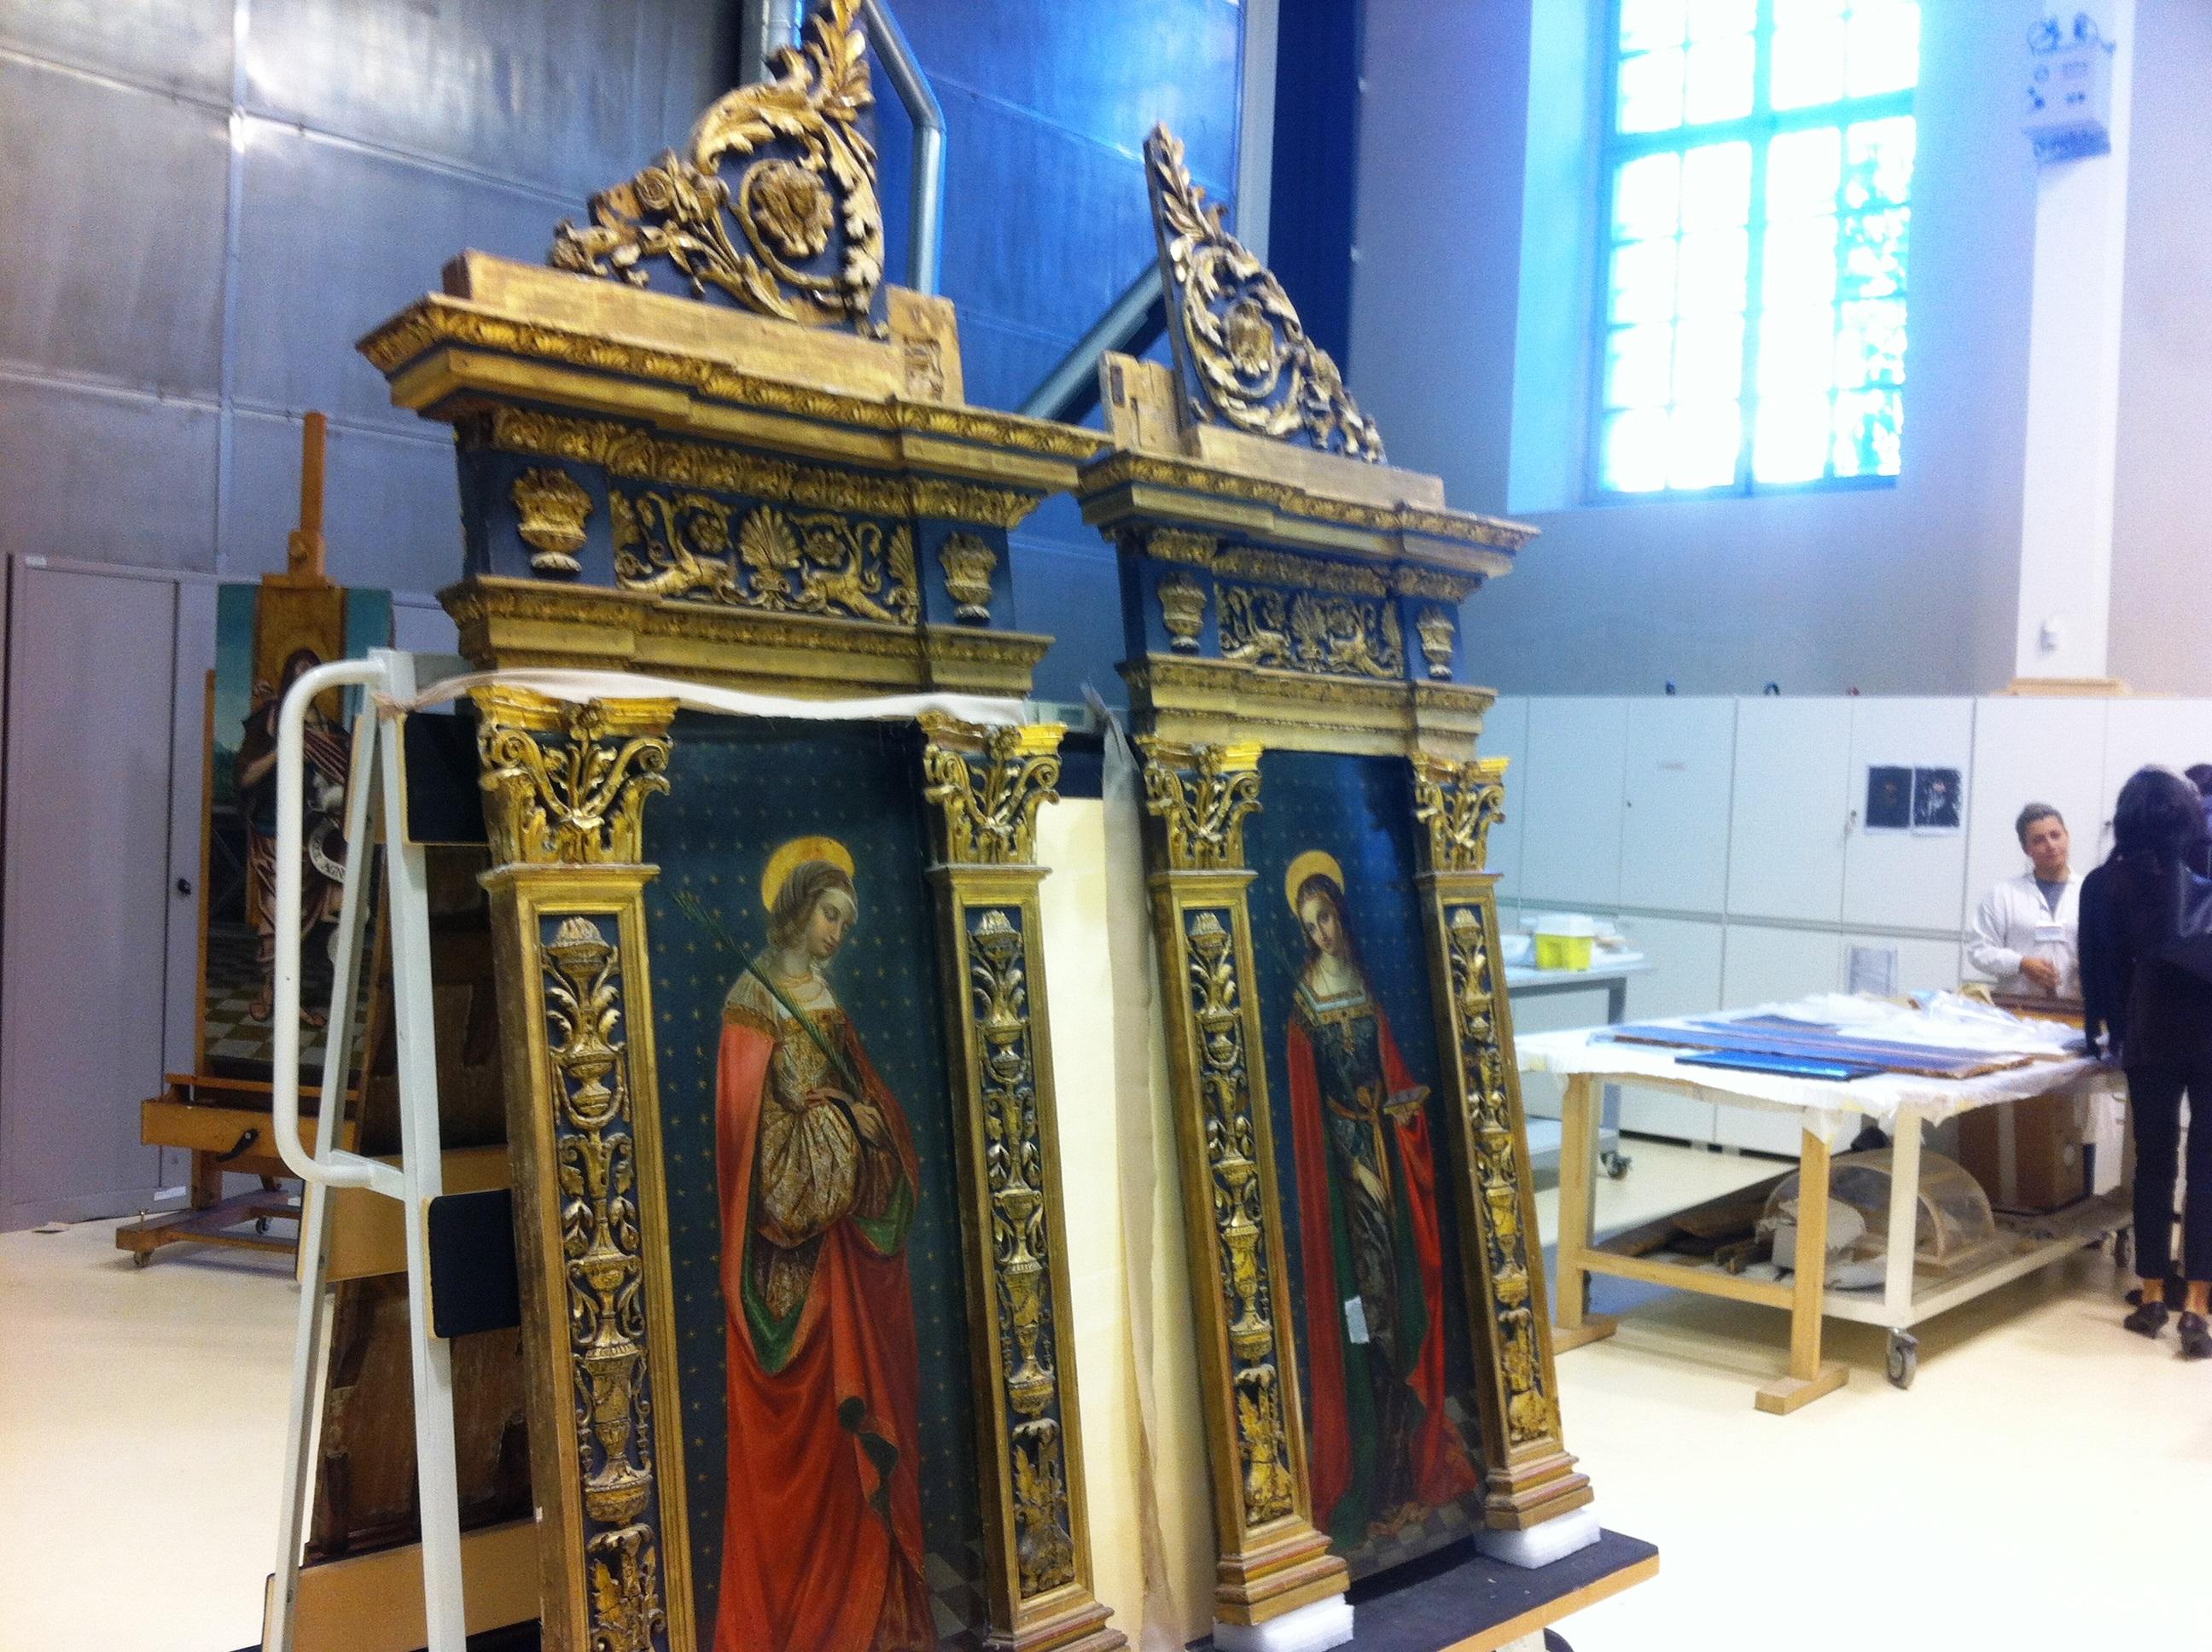 Il restauro è un mestiere delicato e implica grande peri